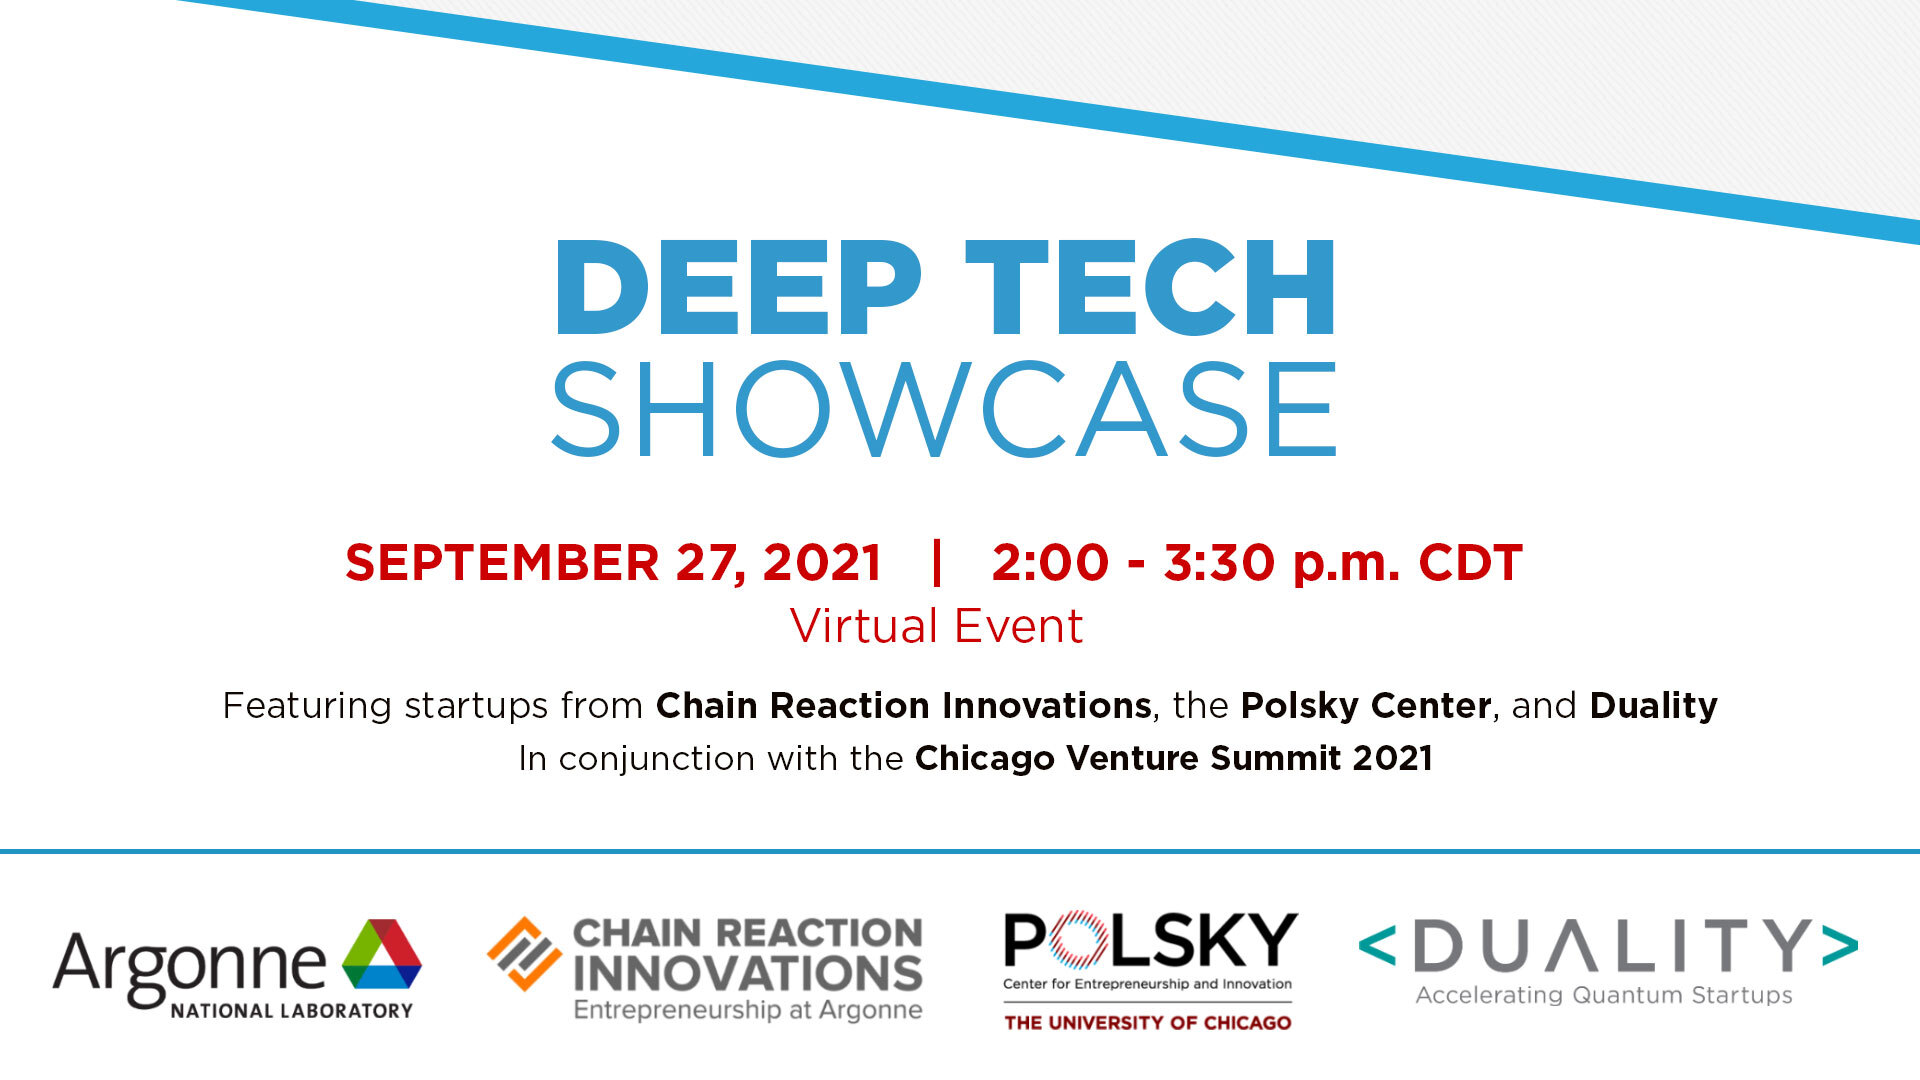 Chicago Venture Summit Deep Tech Showcase